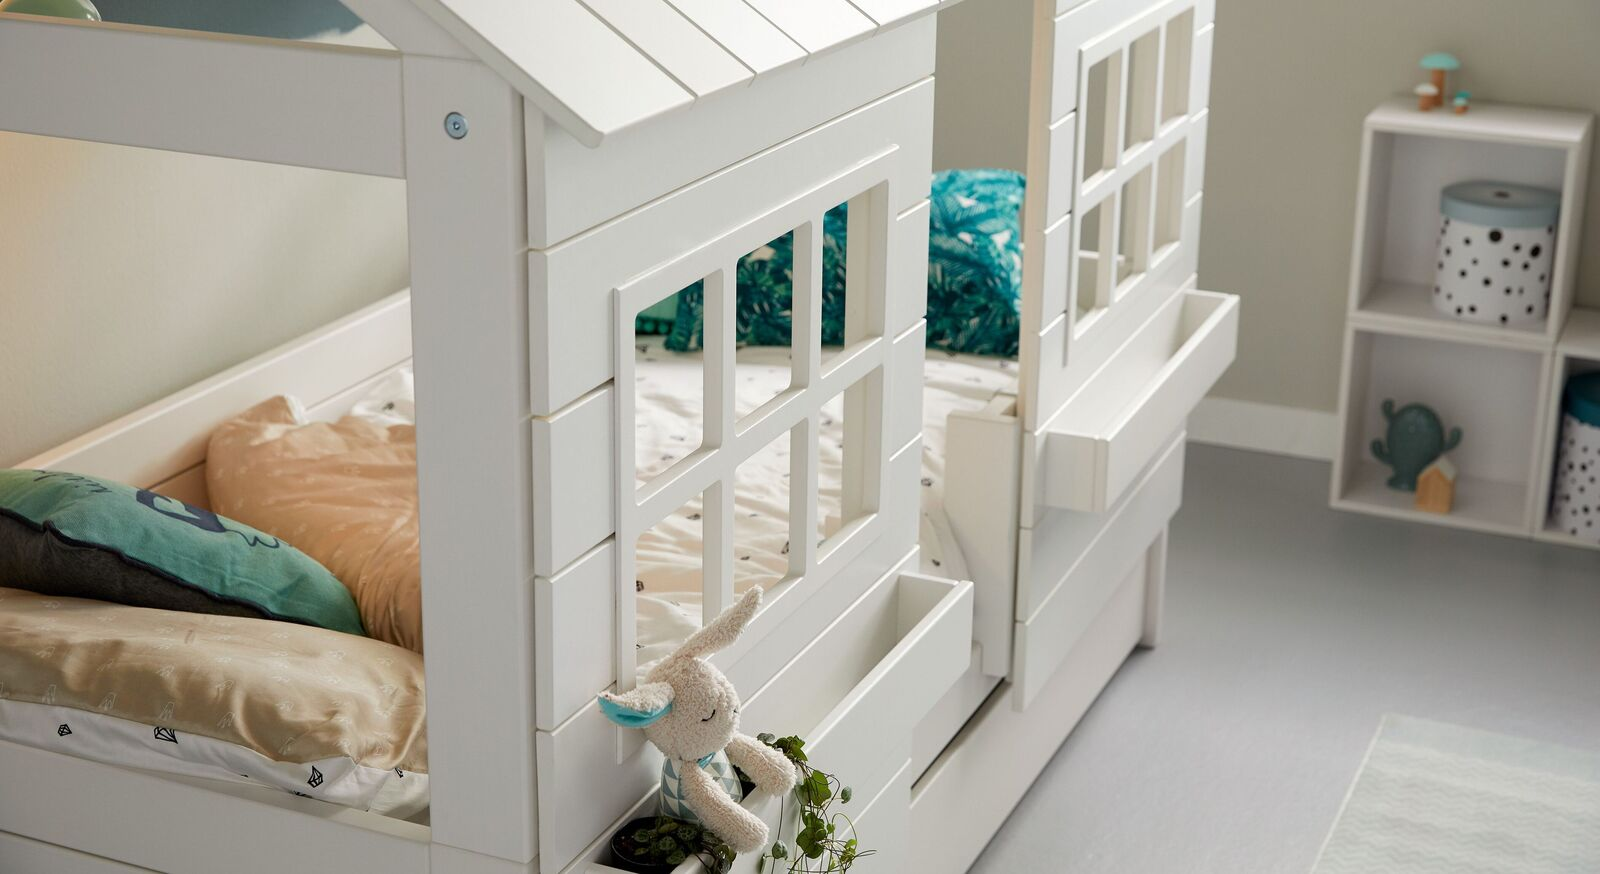 Modernes LIFETIME Hüttenbett Lakehouse als Hausbett